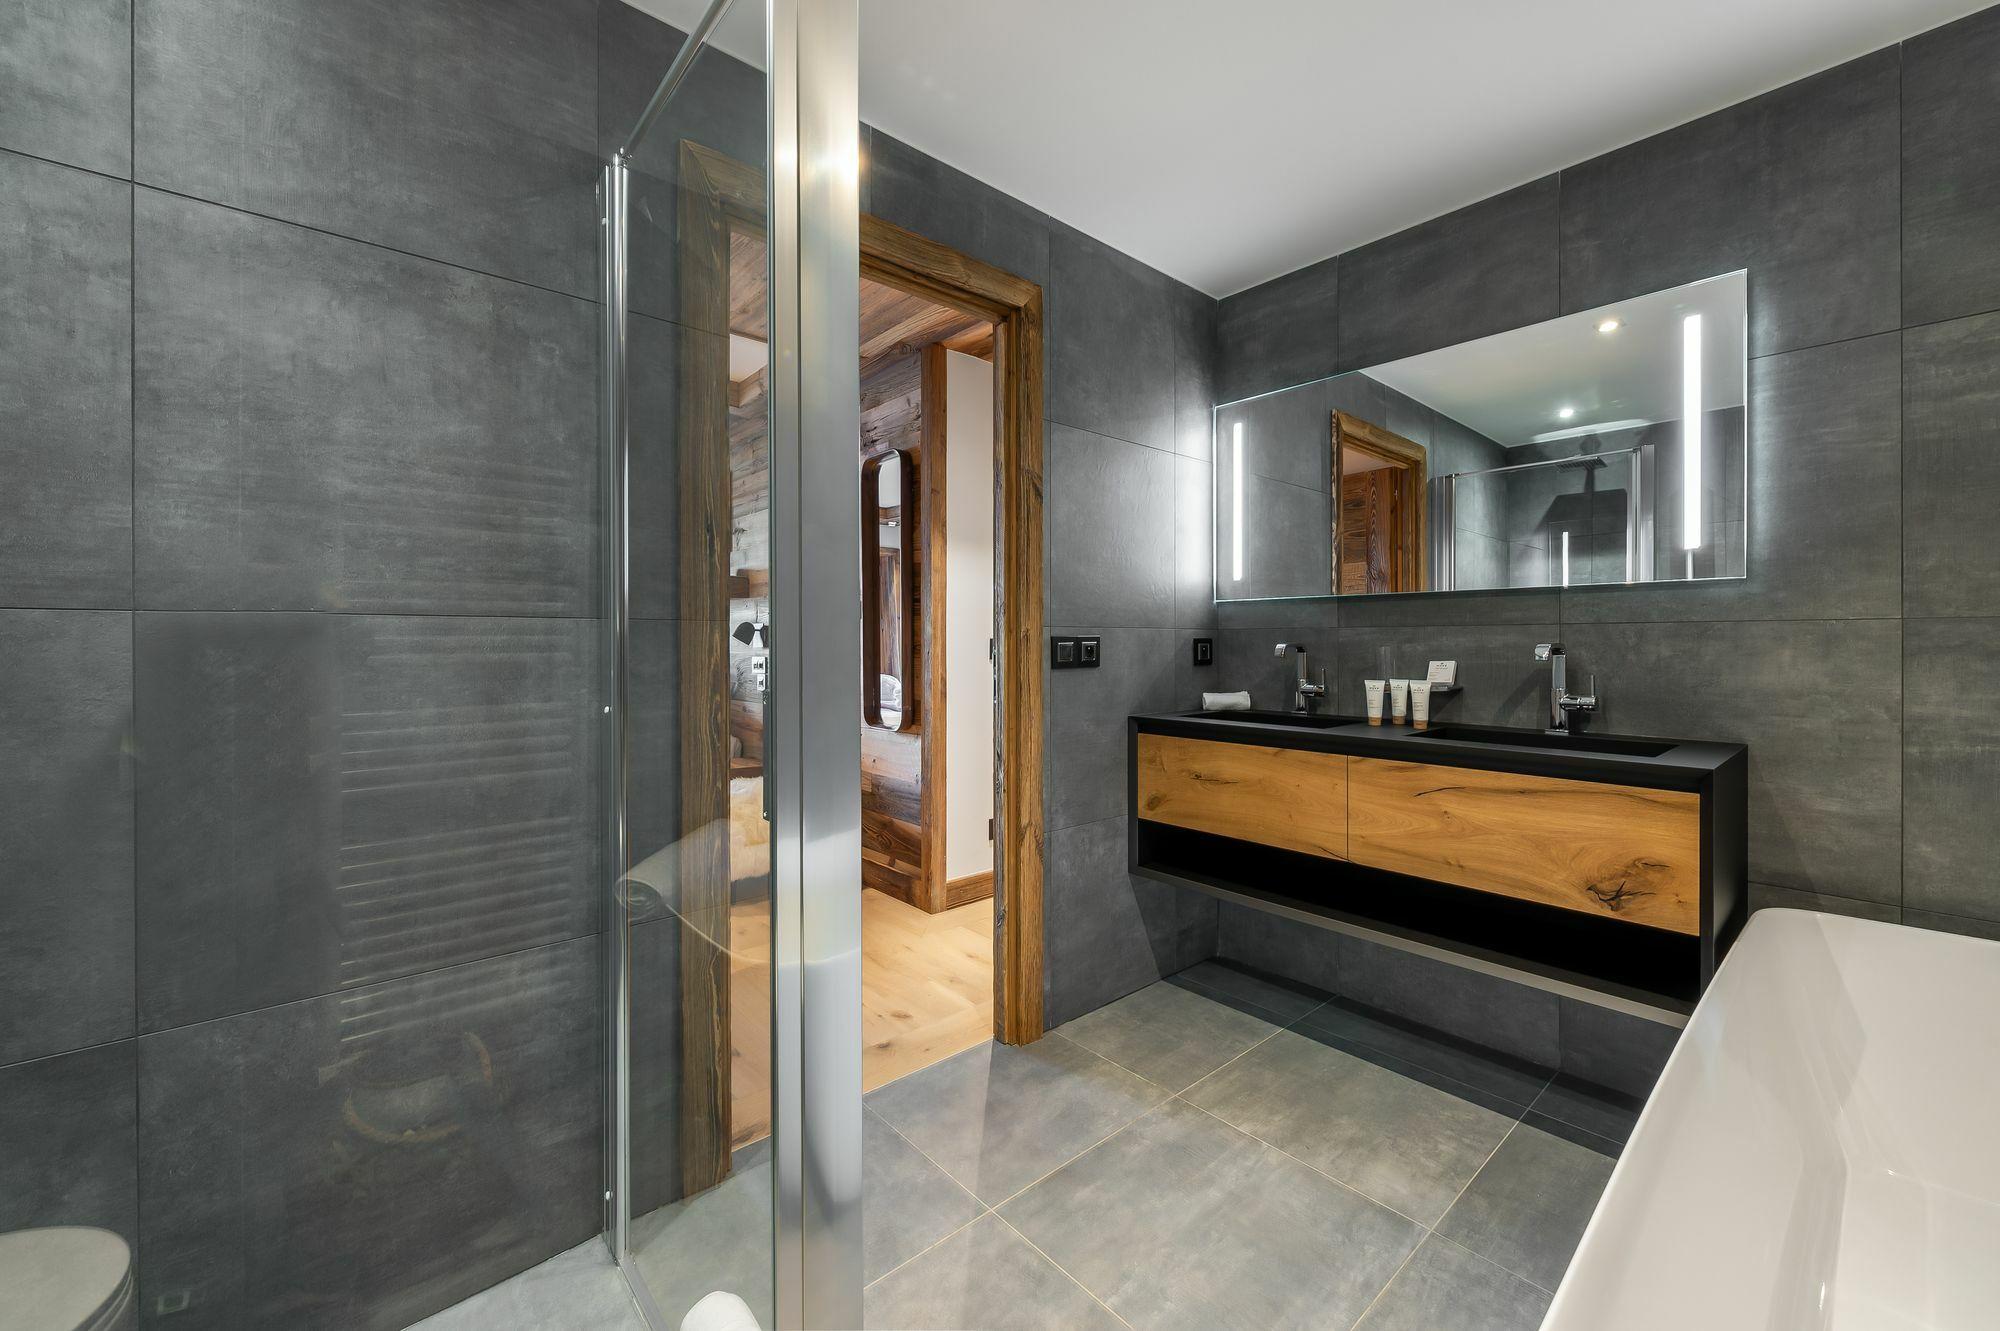 appartement_centenary-0015